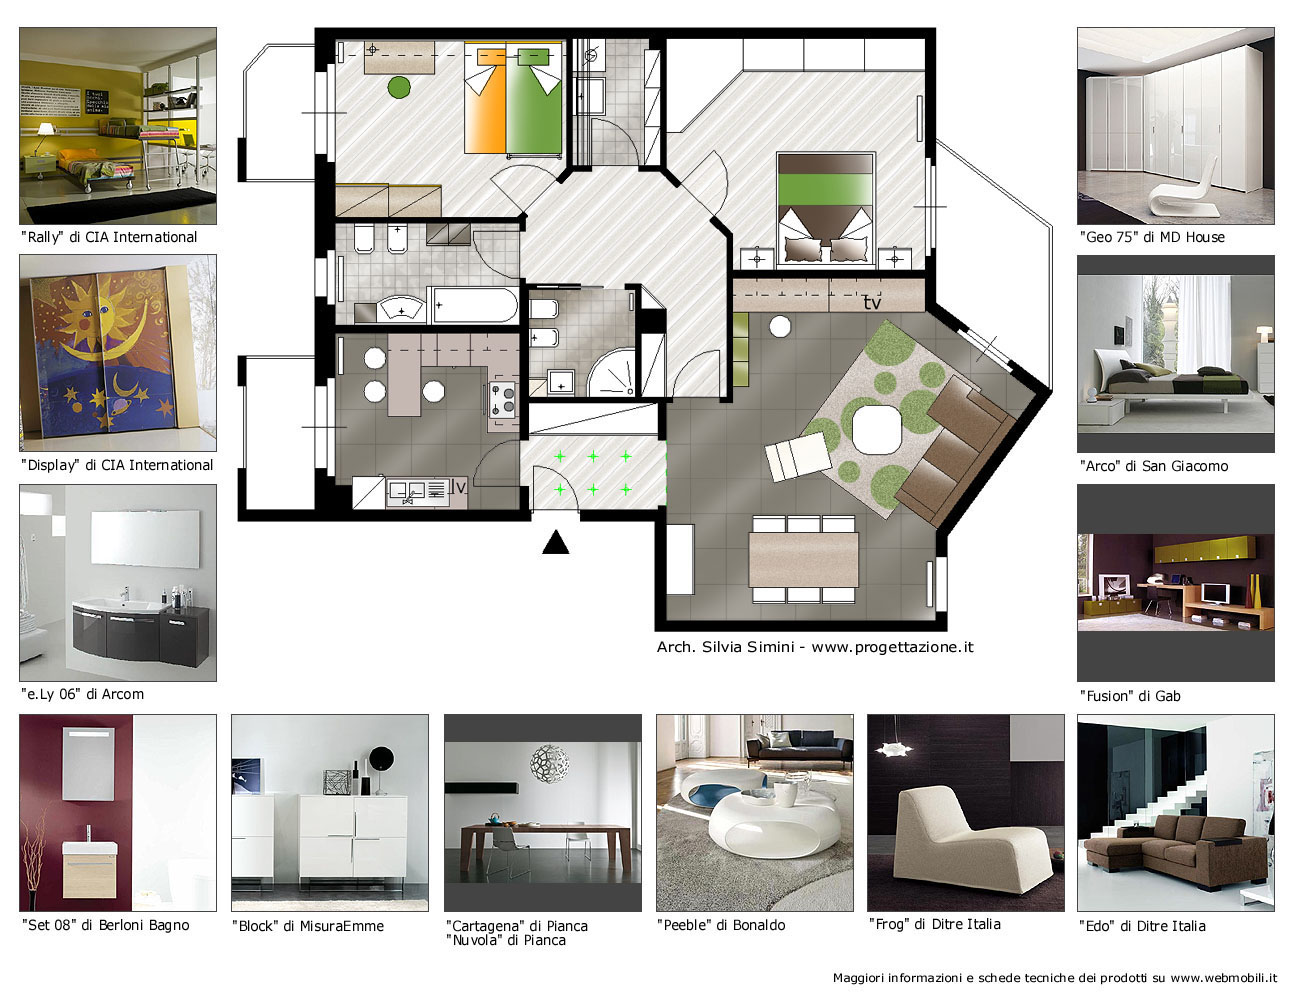 Progettazione arredamento - Camera da letto con cabina armadio e bagno ...